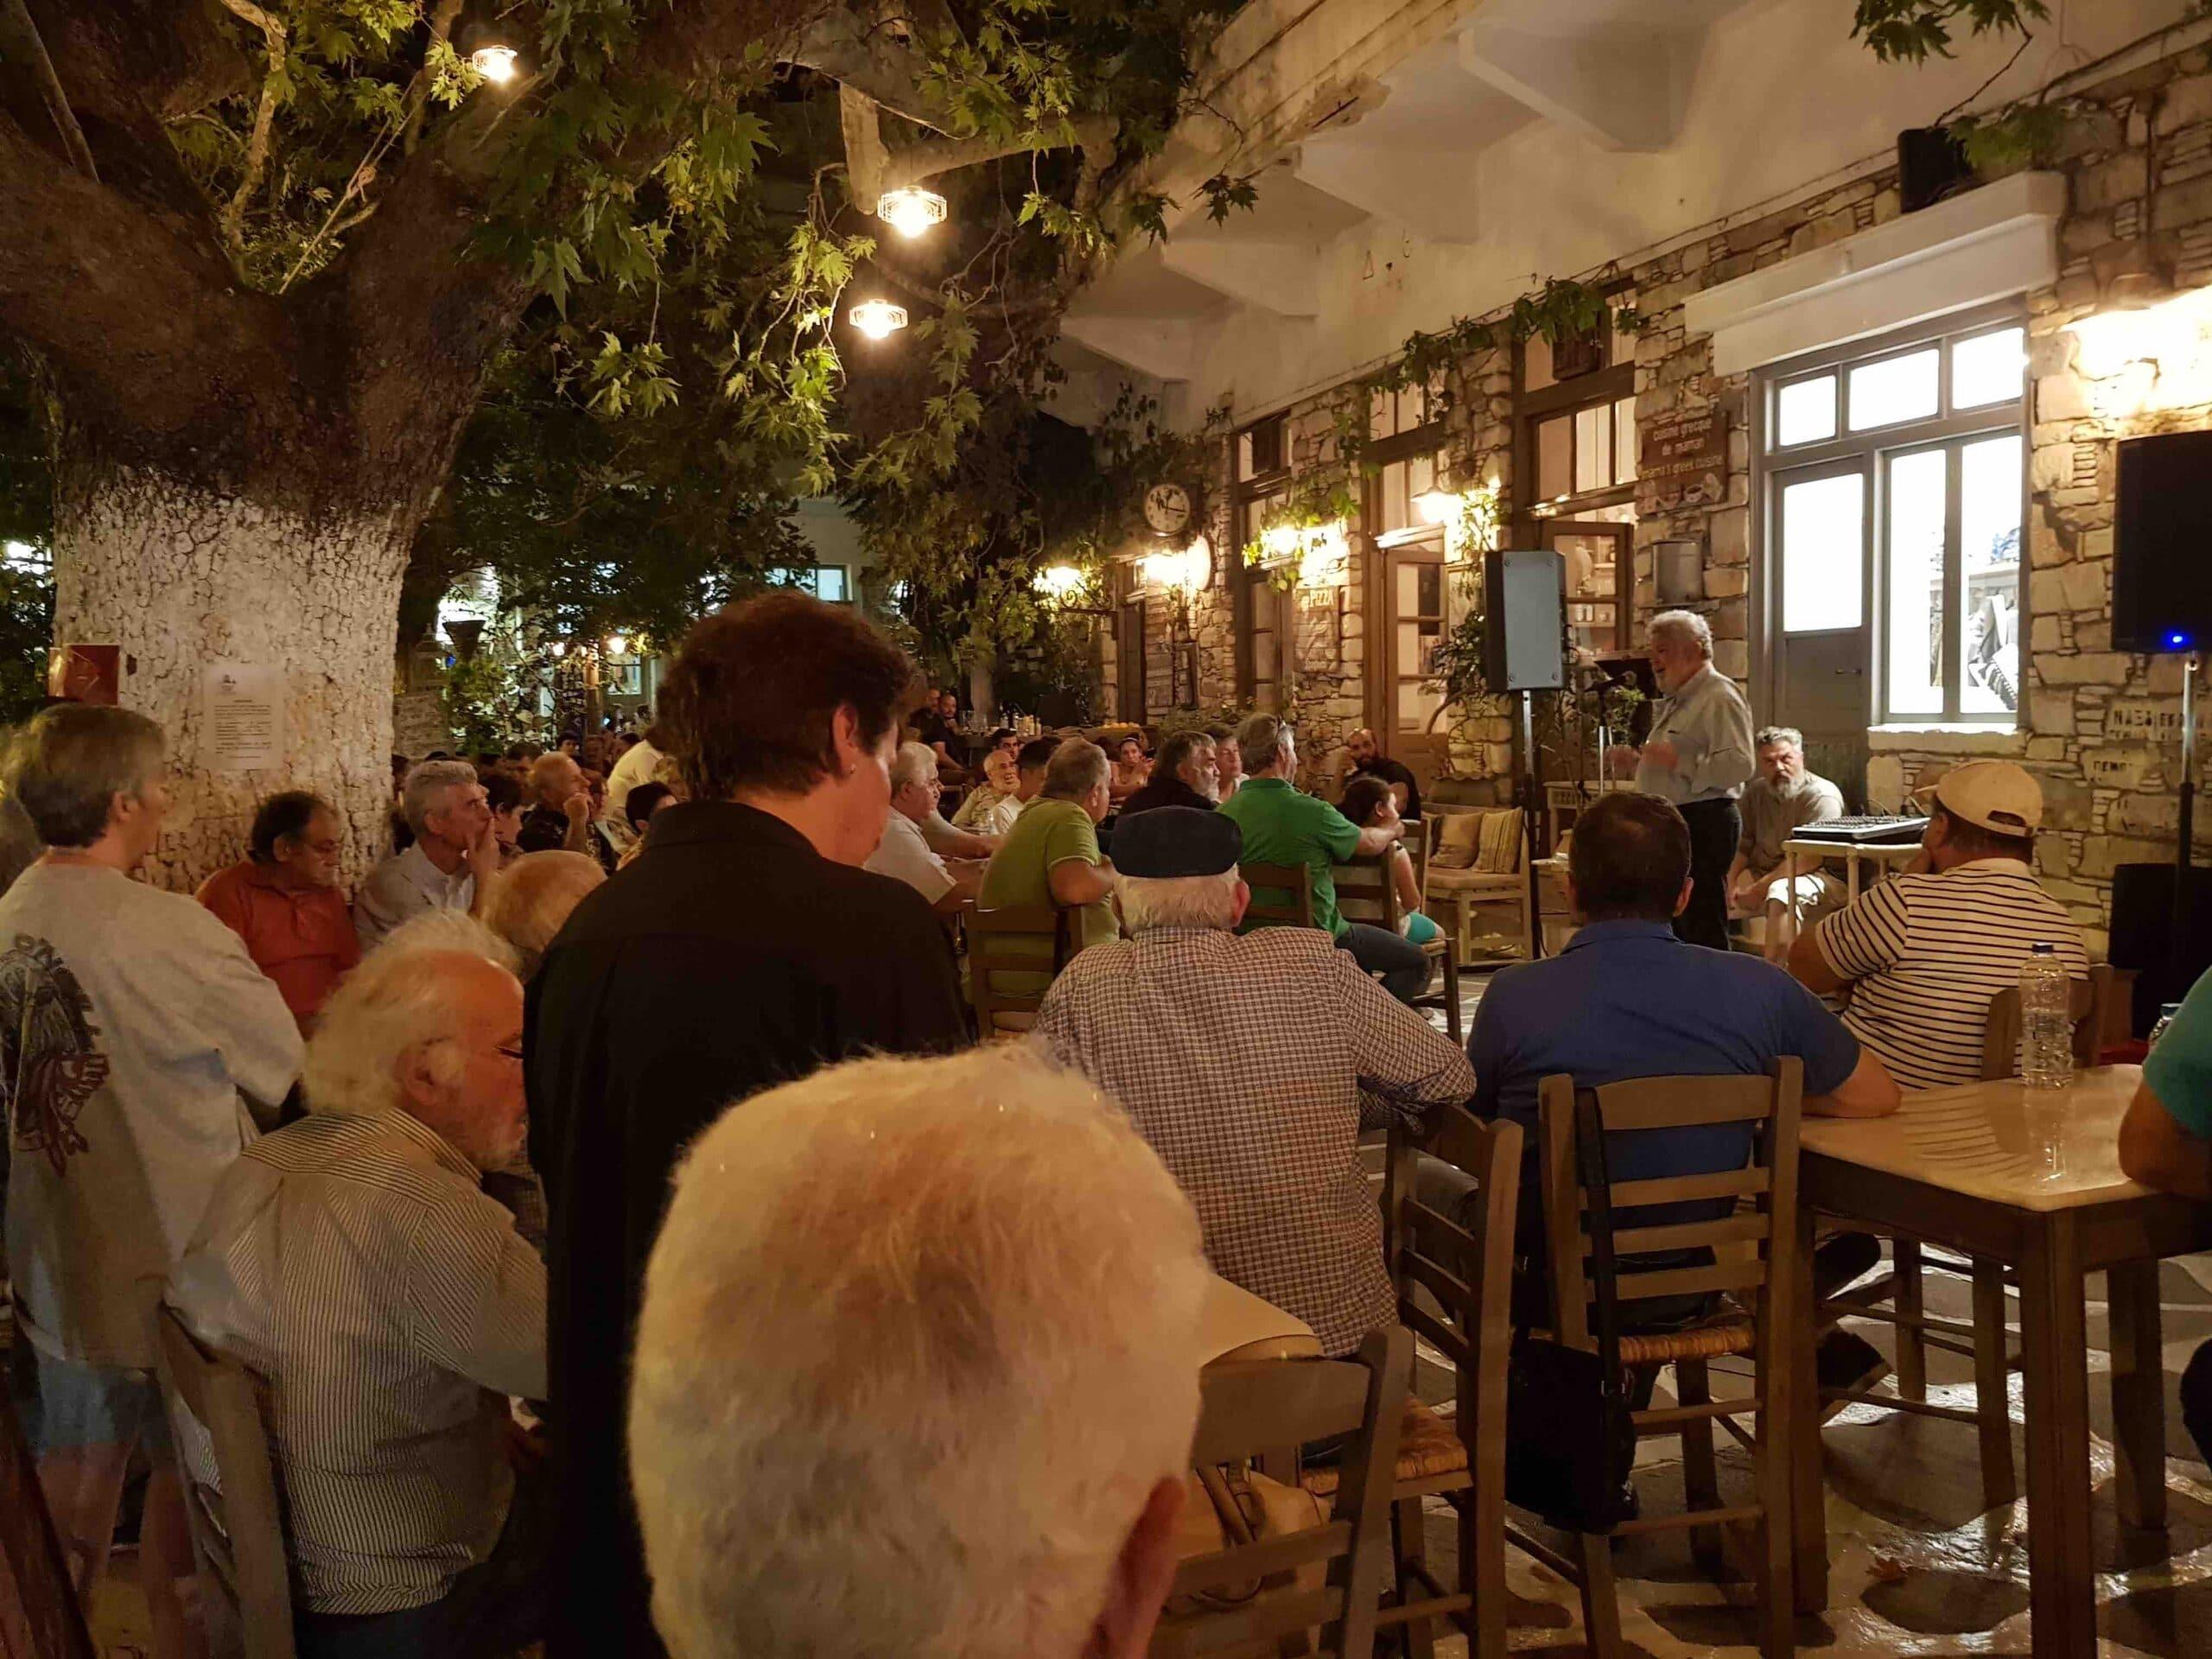 ομιλία του Νίκου Μανιού στο Φιλώτι